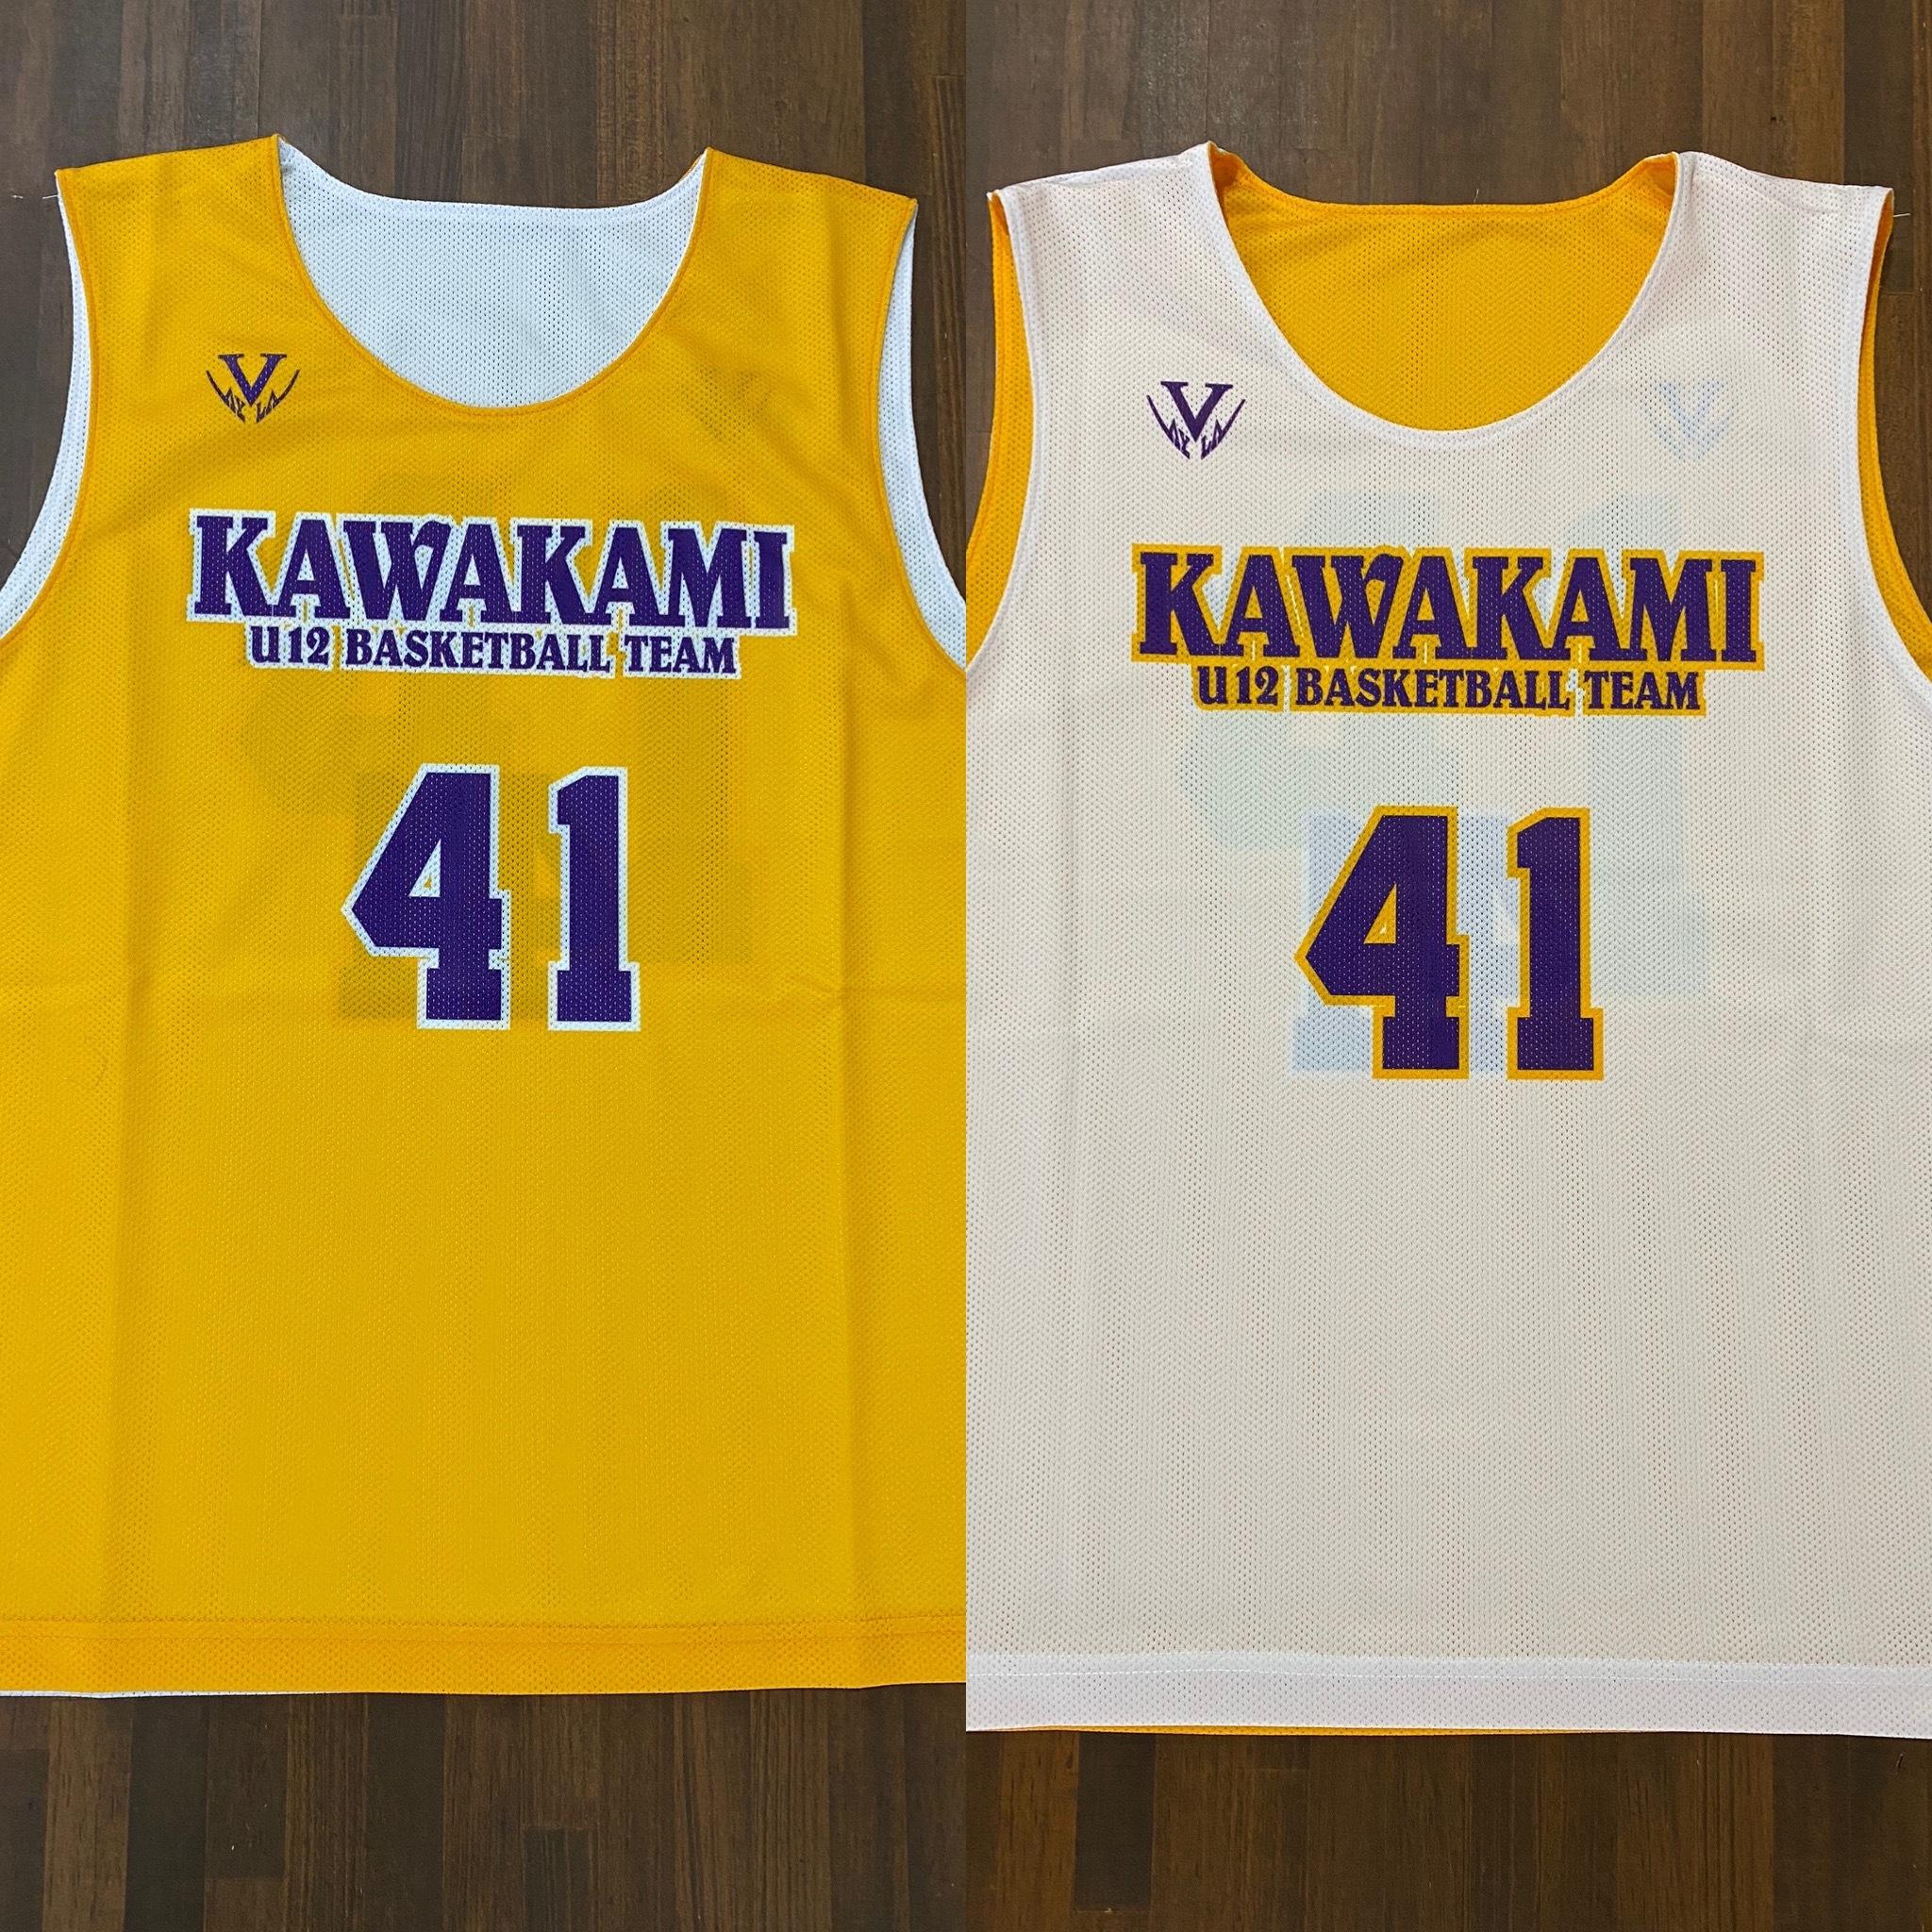 【デザインサンプル】川上ミニバスケットボールスポーツ少年団(U12・男子)リバーシブルシャツ